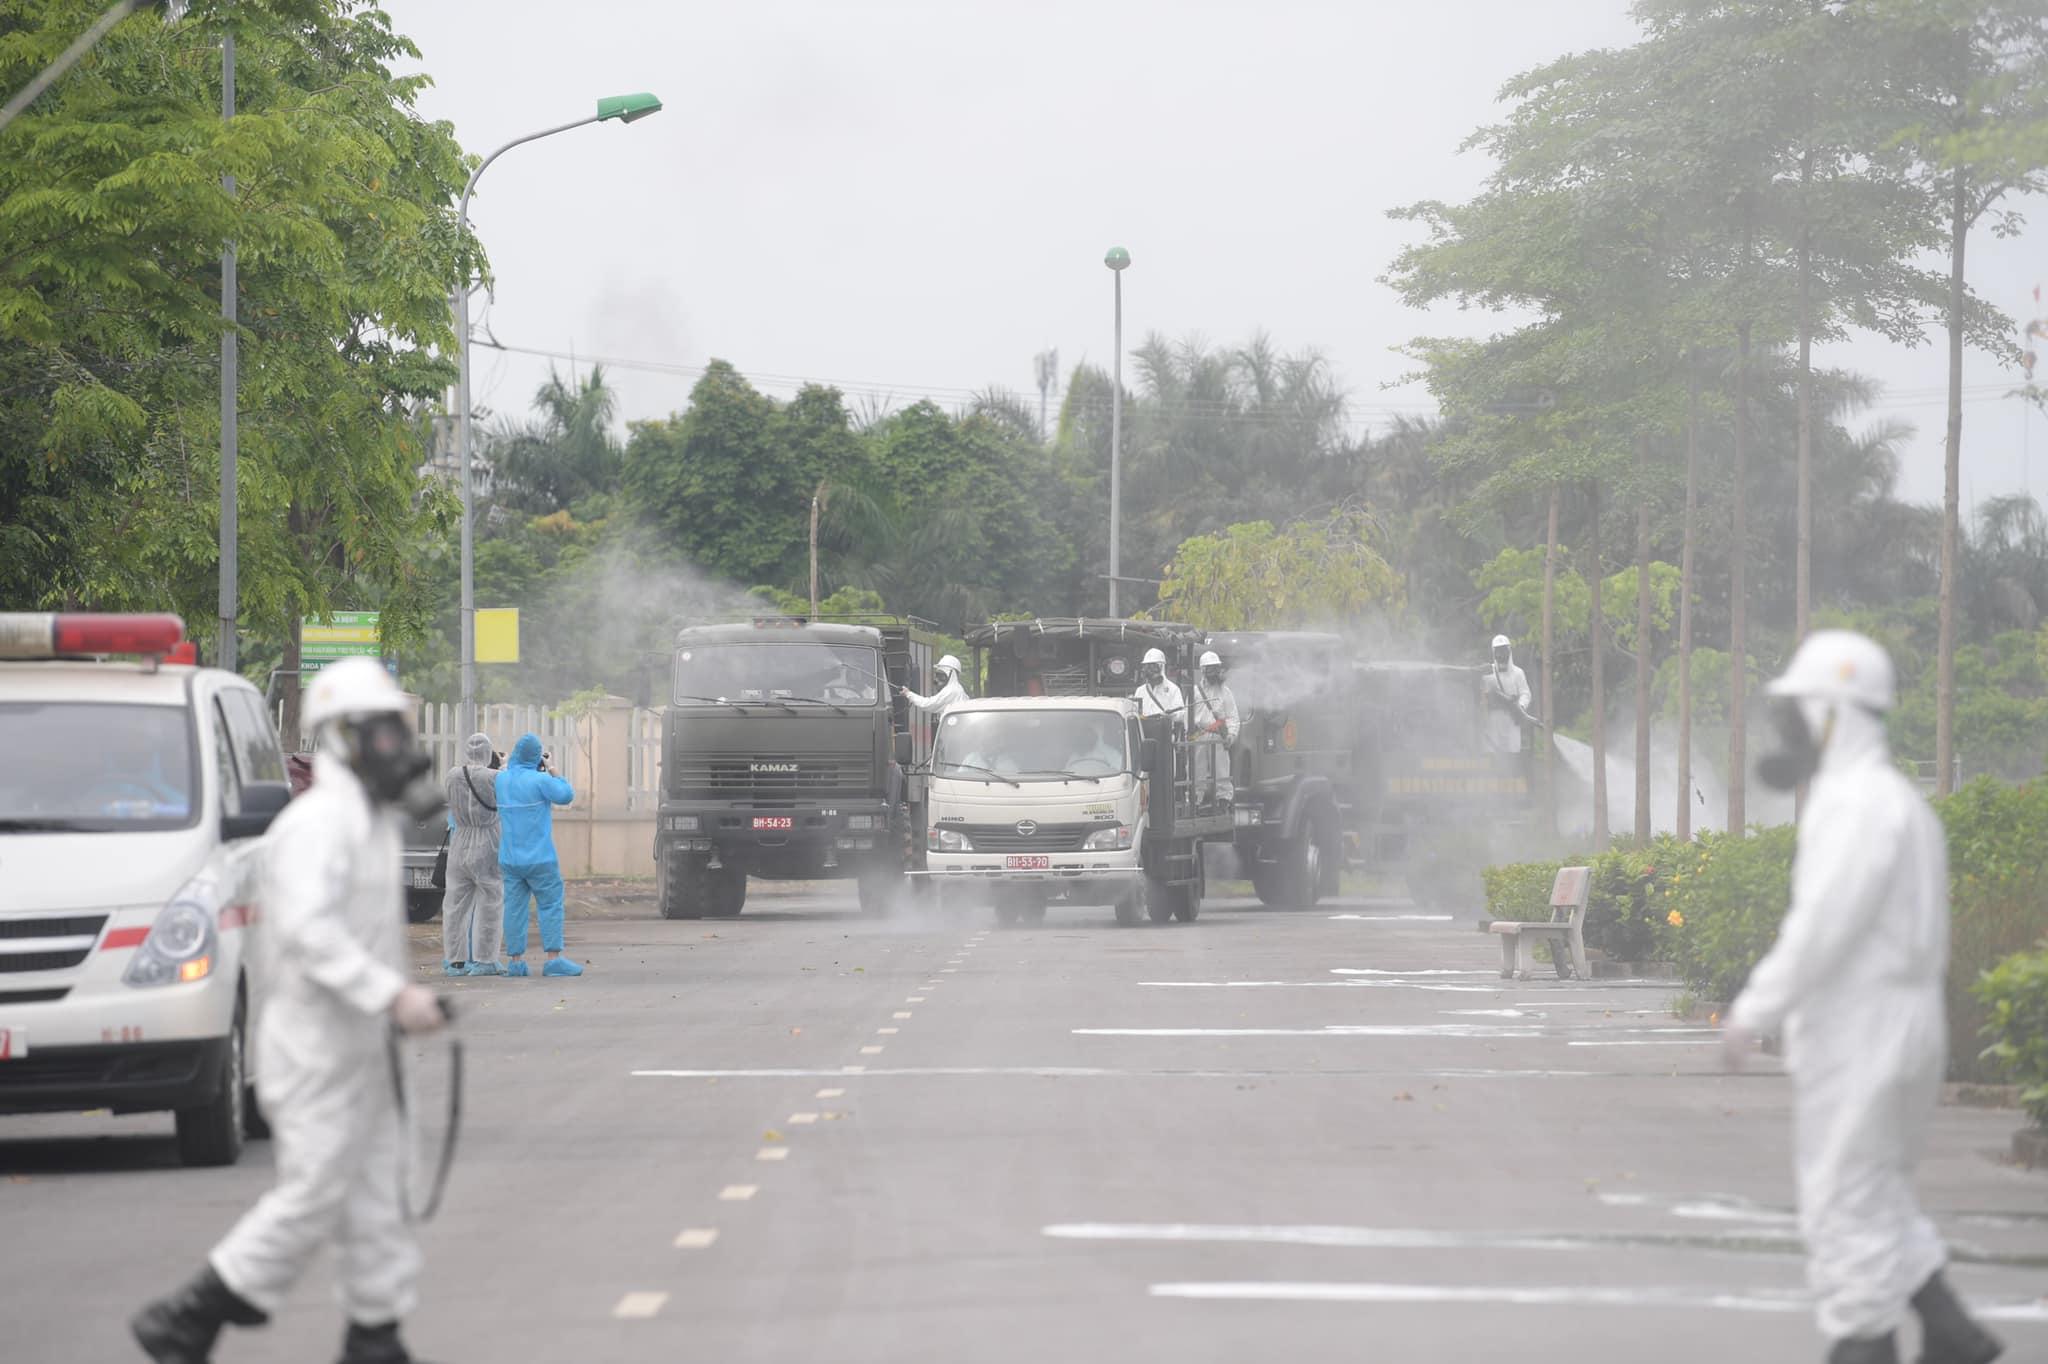 Quân đội tổng lực khử khuẩn Bệnh viện Nhiệt đới Trung ương cơ sở 2 nơi phát hiện 42 ca nhiễm Covid-19 - Ảnh 2.